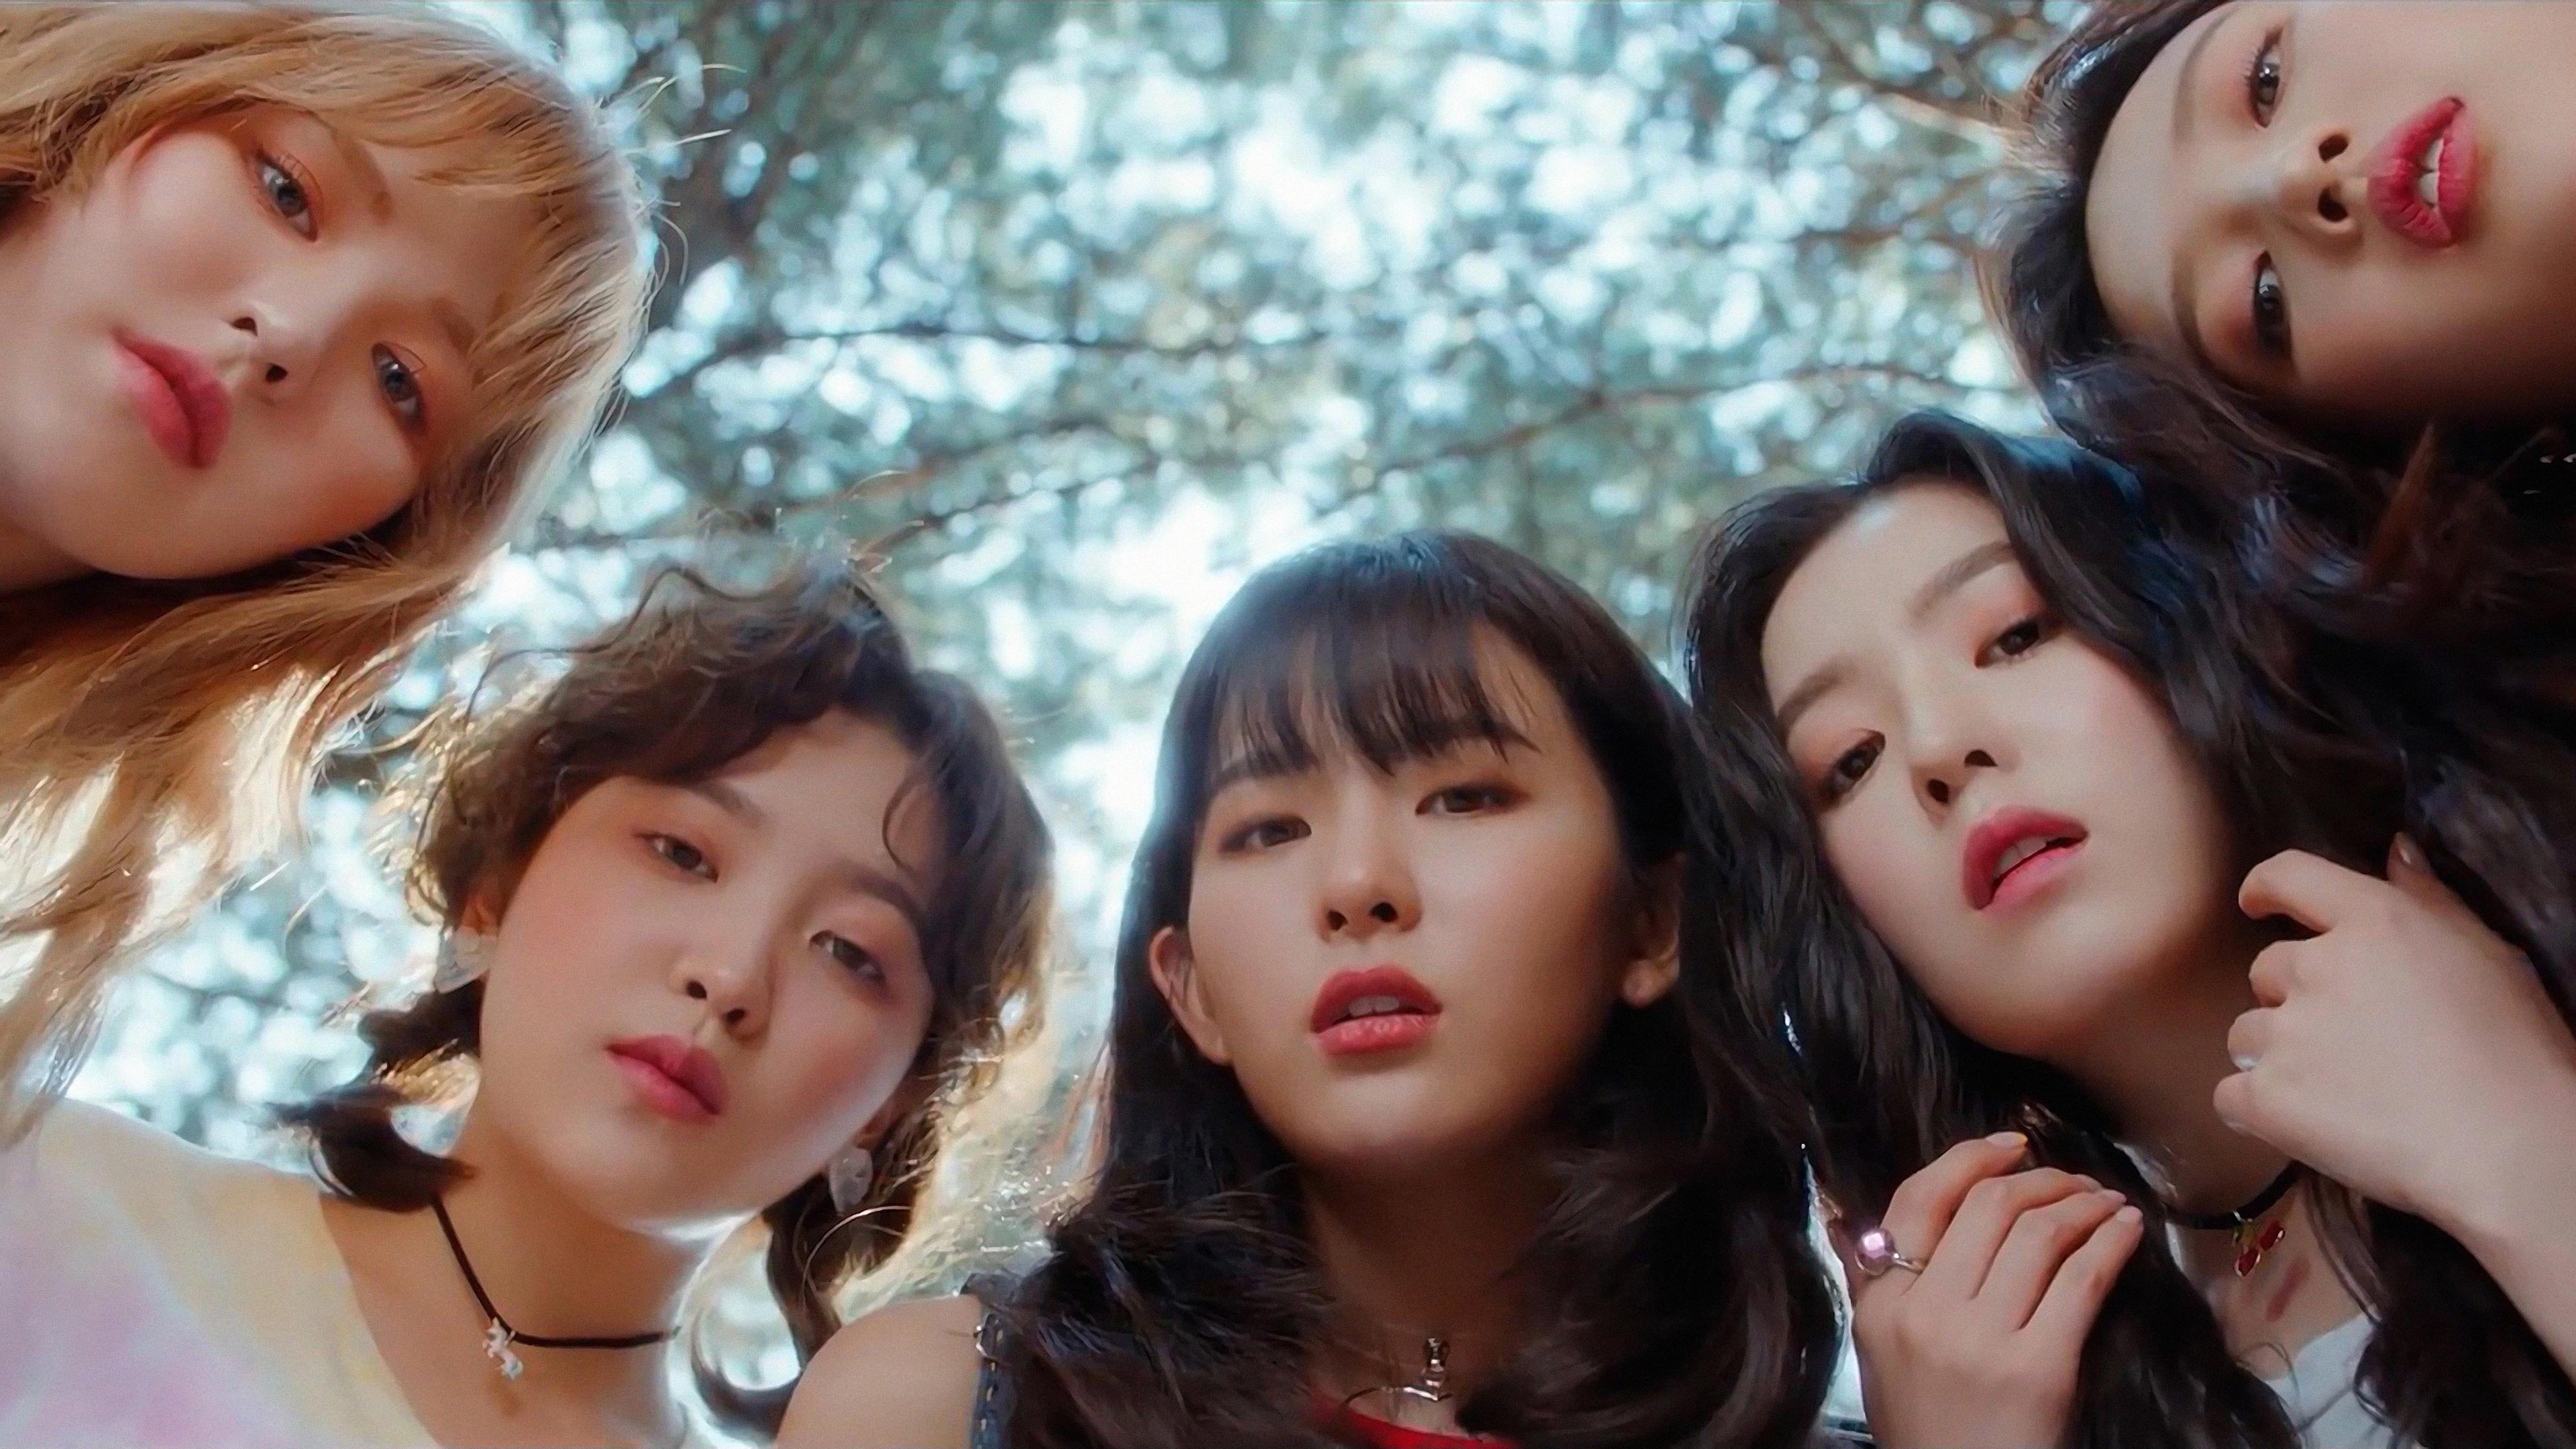 Irene Red Velvet Wallpaper 4k